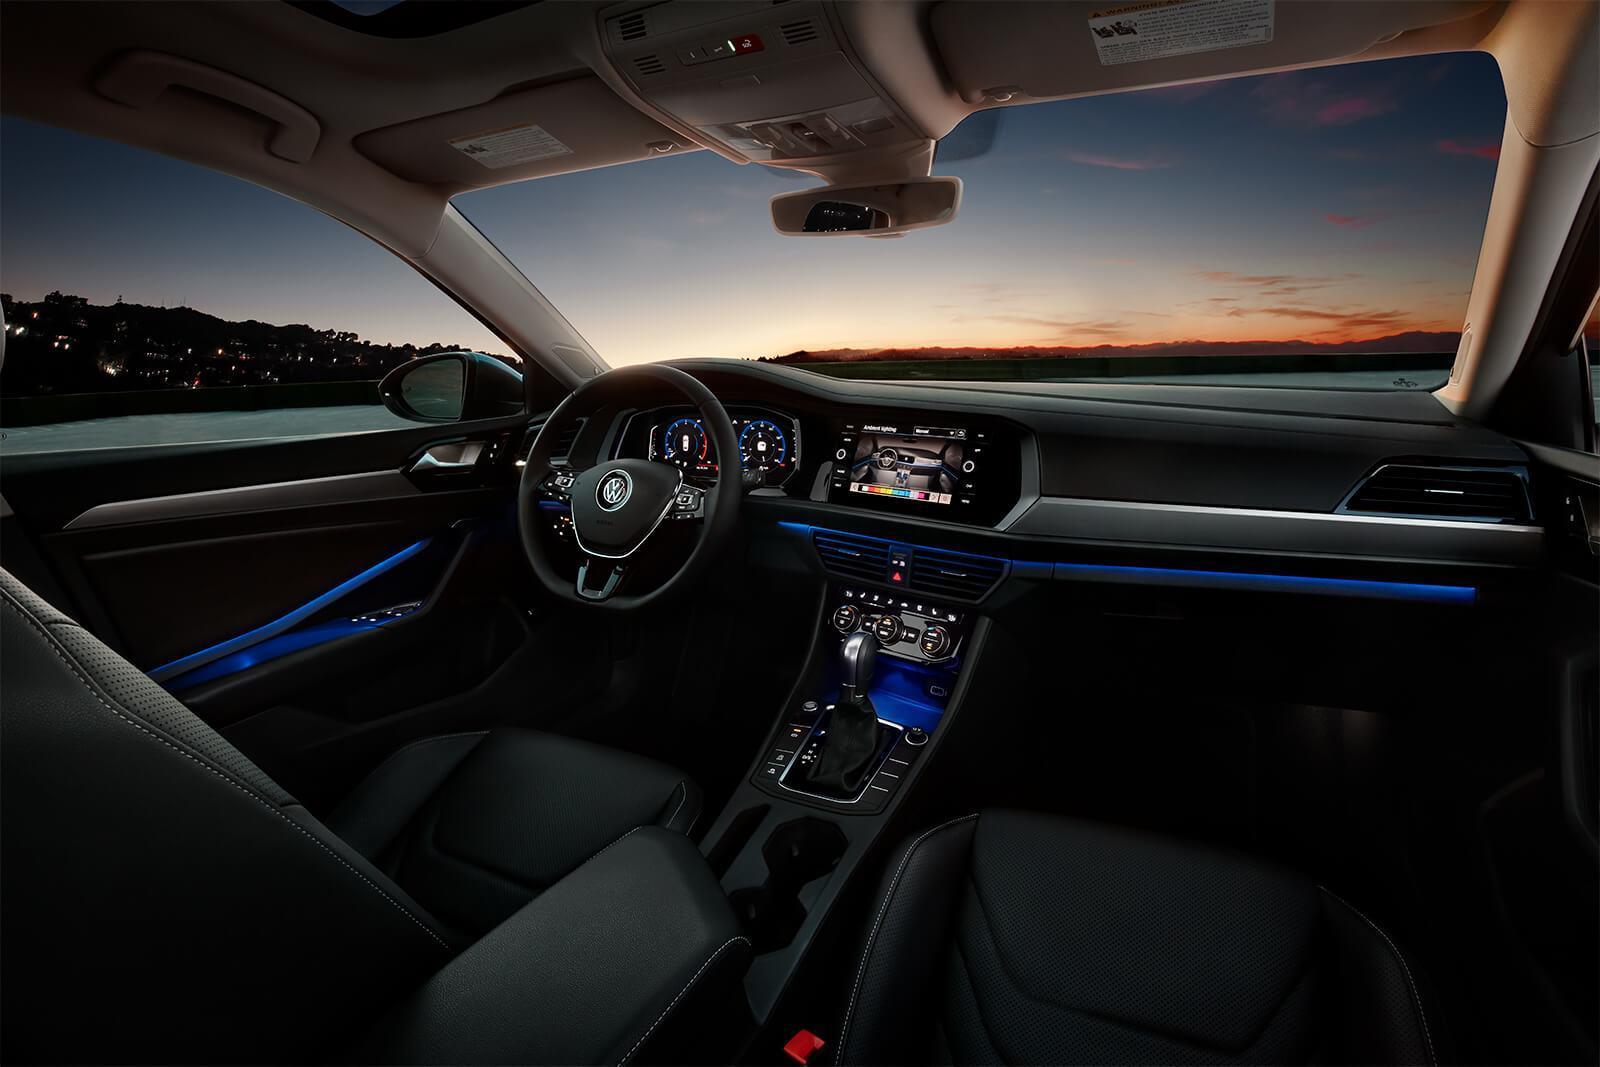 Explora un nuevo mundo de sensaciones a bordo del Volkswagen Jetta 2019